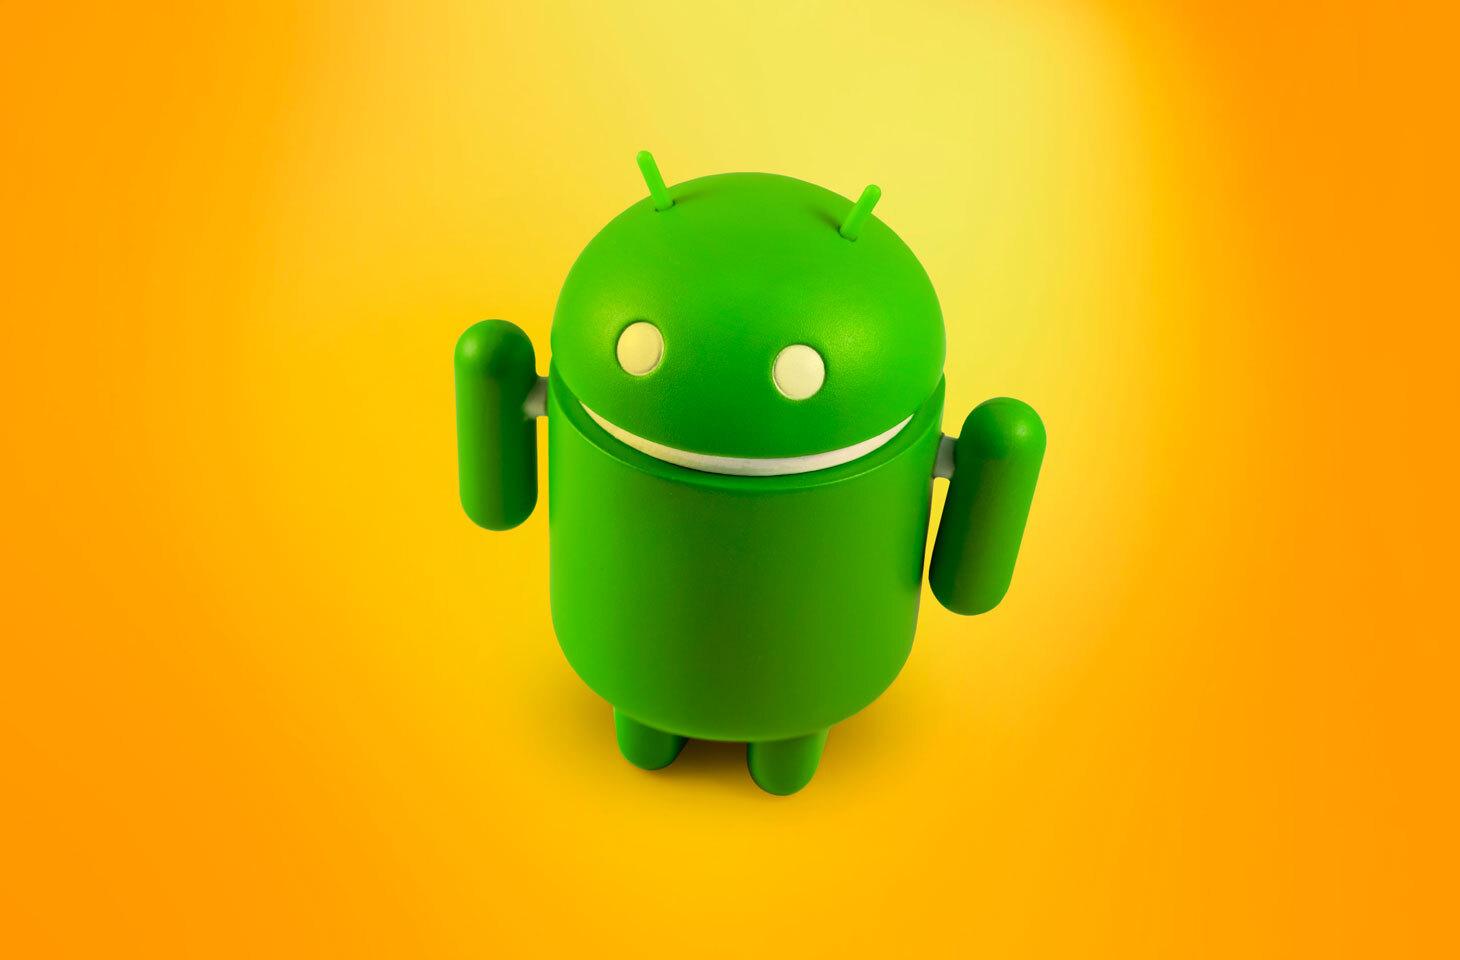 Así rastrean los fabricantes de smartphone a los usuarios | Blog oficial de Kaspersky